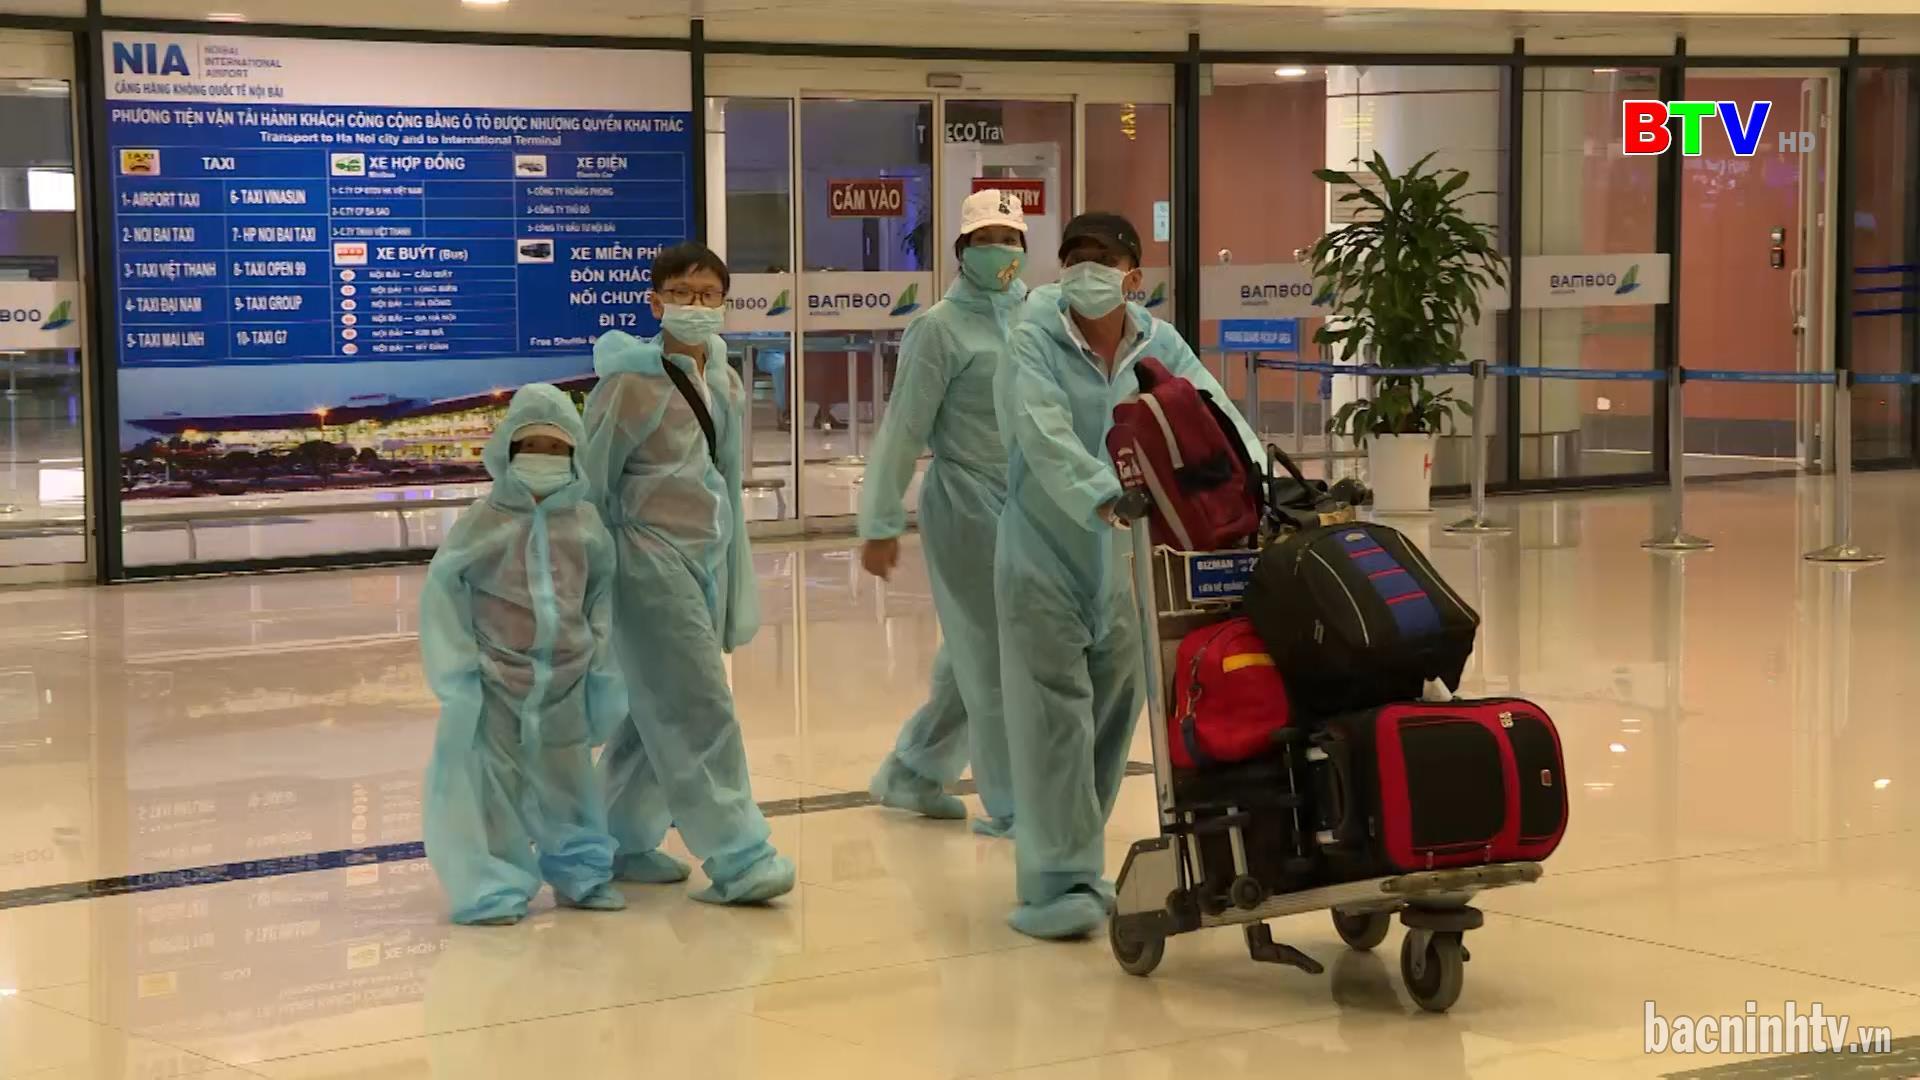 Lương Tài đón gần 200 công dân từ thành phố Hồ Chí Minh về địa phương.